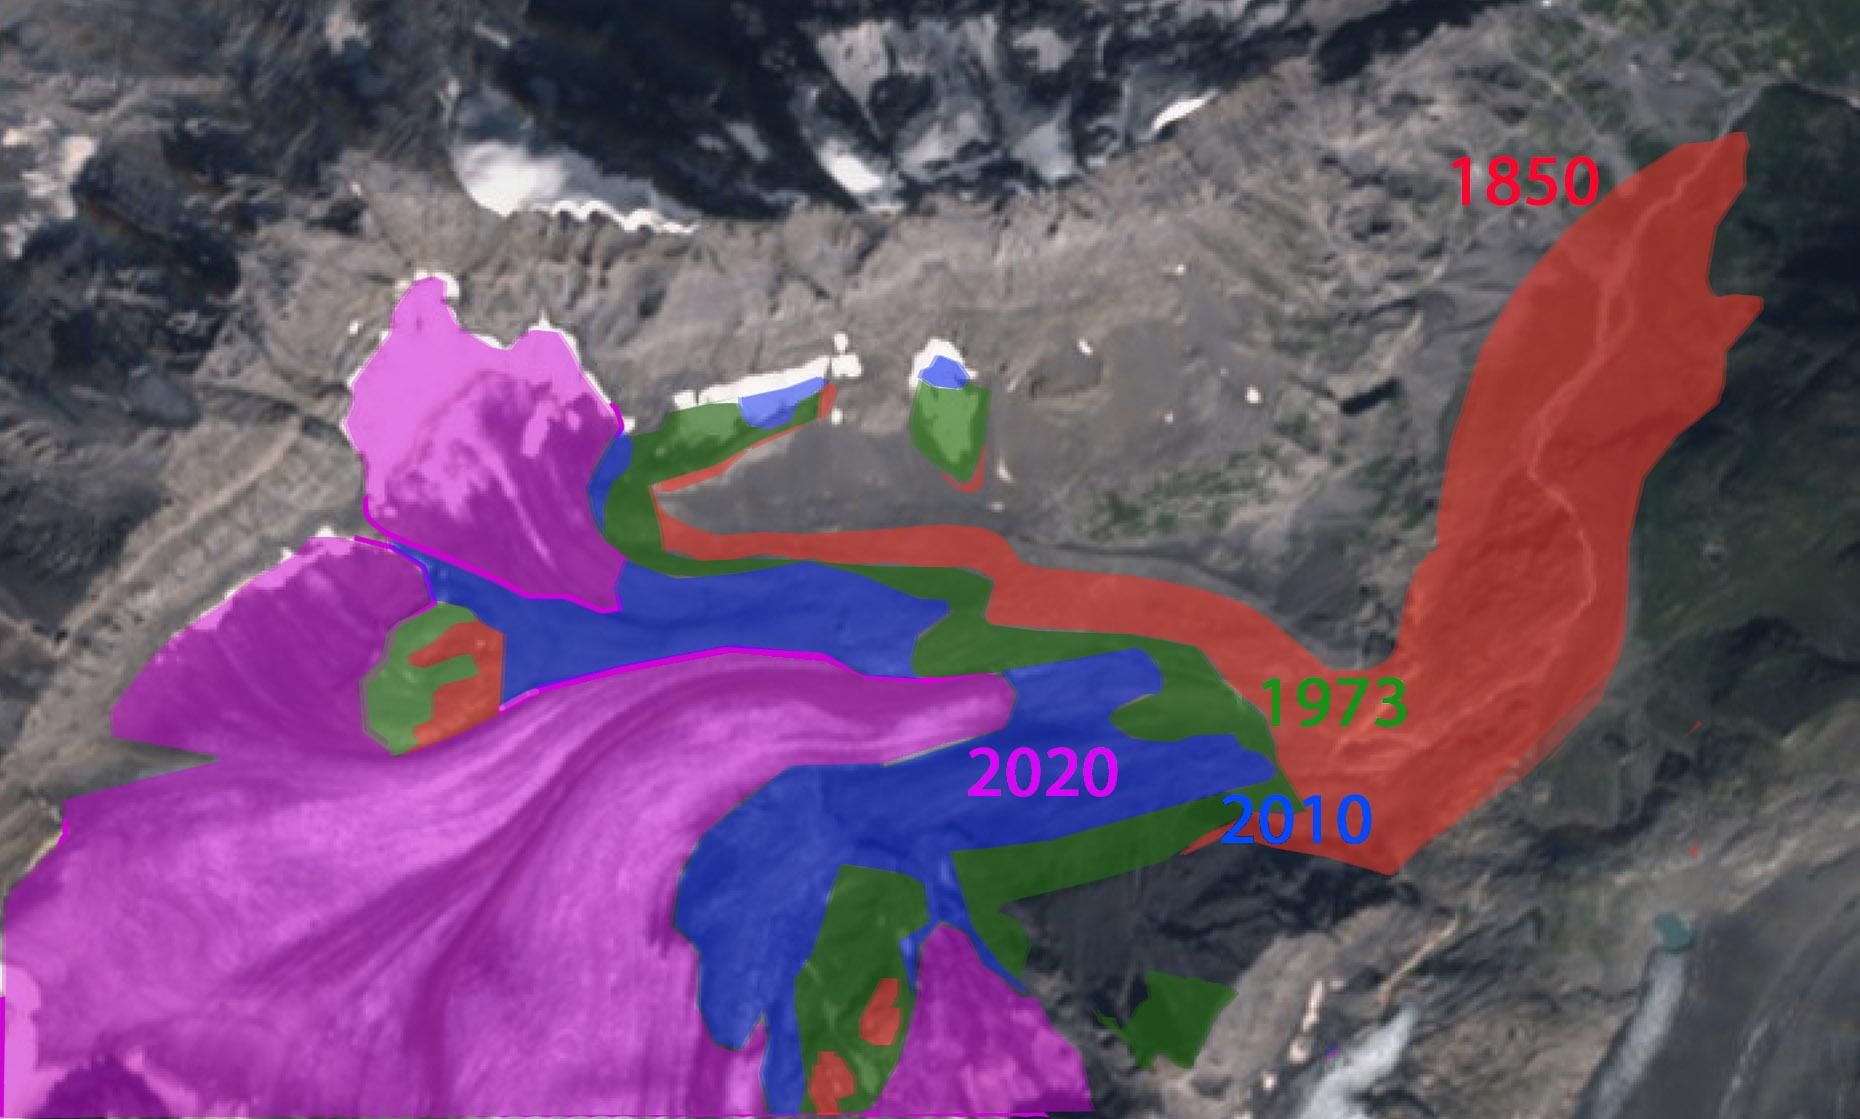 Het terugtrekken van de Kandergletsjer in 3 stappen: van 1850 tot 1973 (rood), van 1973 tot 2010 (groen) en van 2010 tot 2020 (blauw). Het roze vlak is het deel dat nu nog resteert.